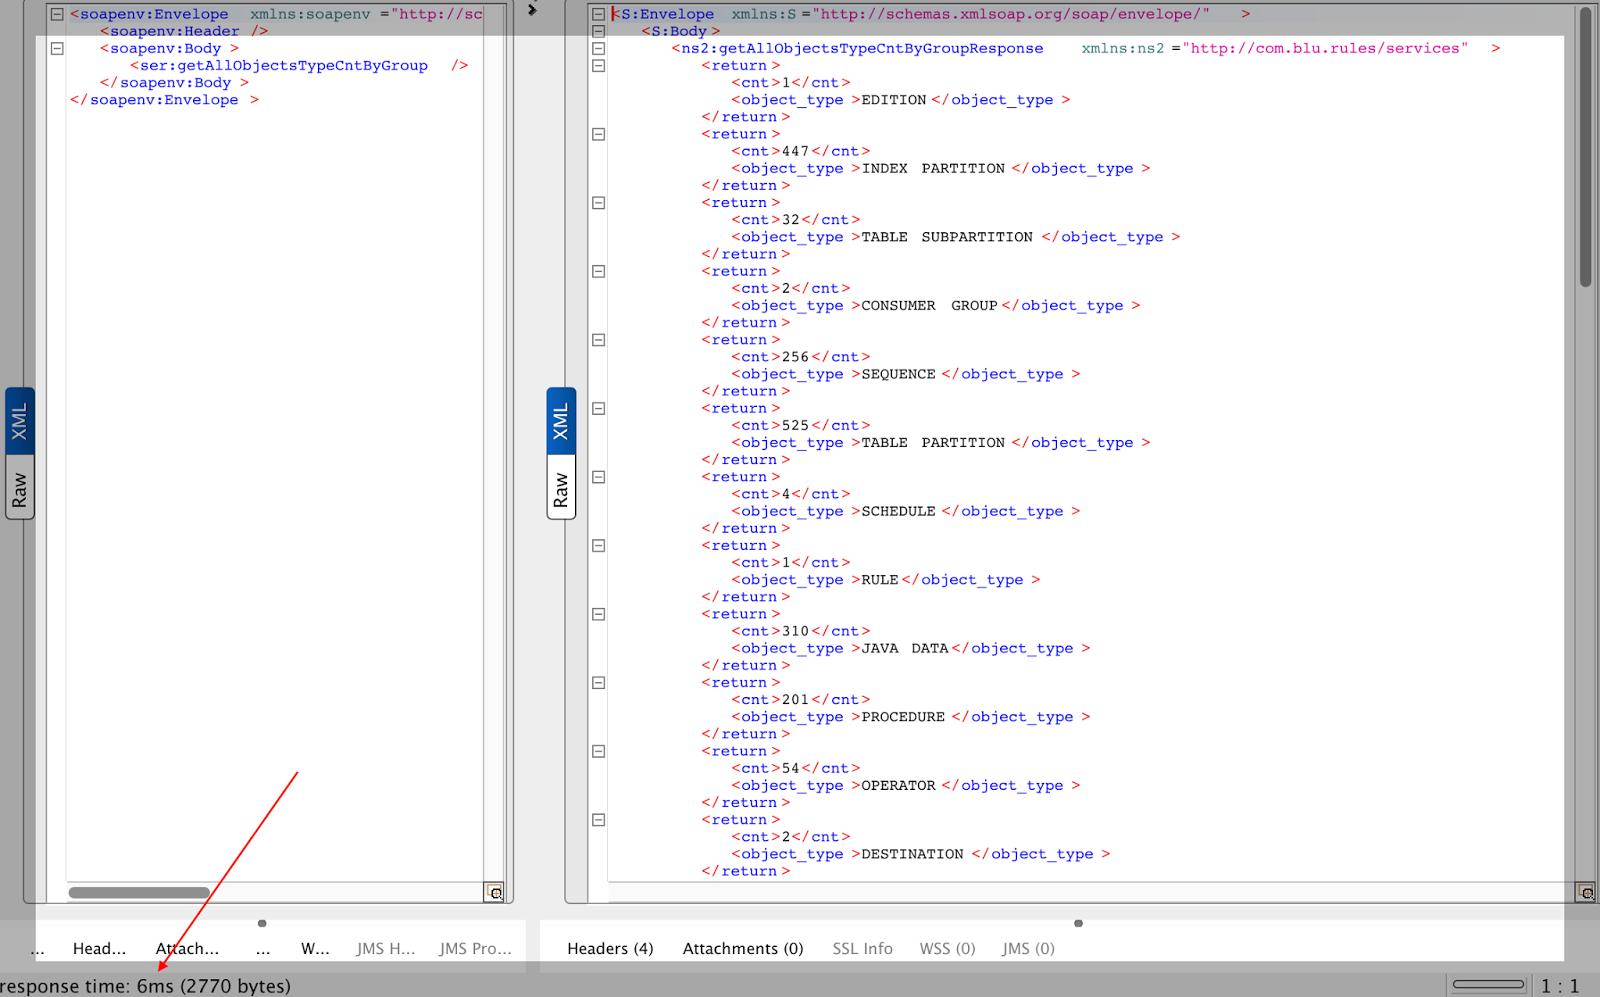 Настройка и использование Apache Ignite в качестве MyBatis кэш второго уровня (L2 cache) - 5